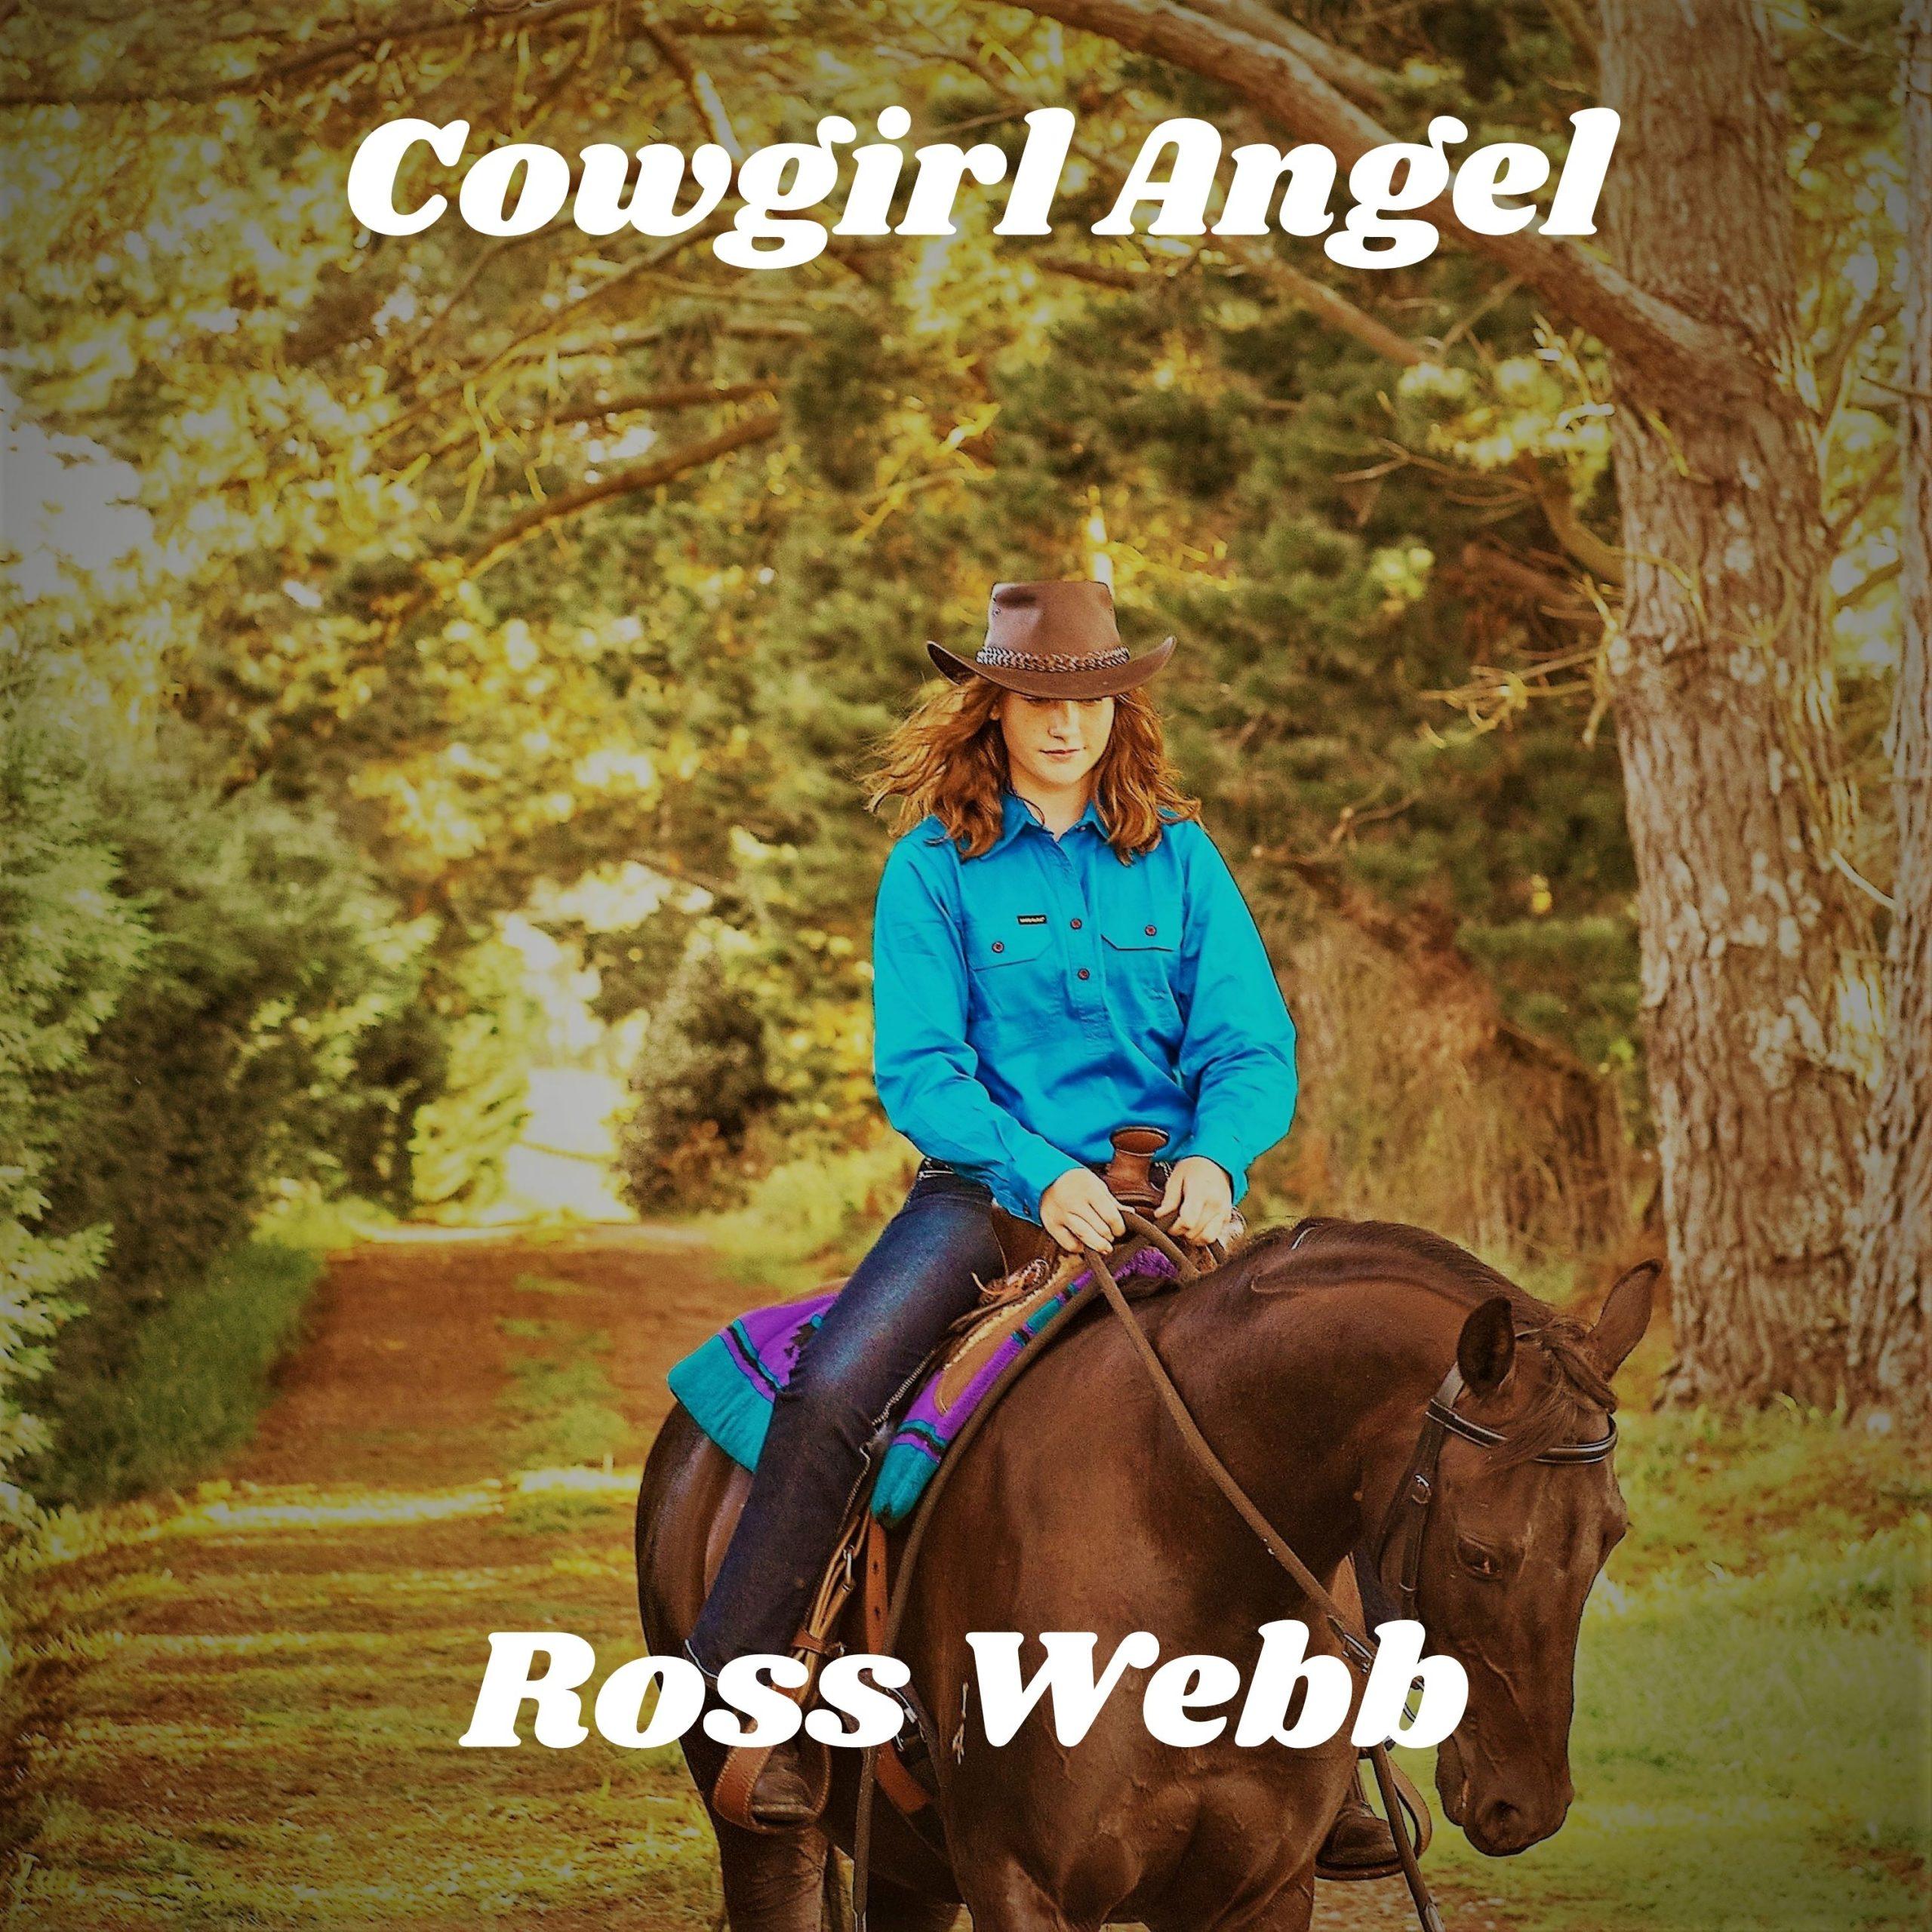 Ross Webb